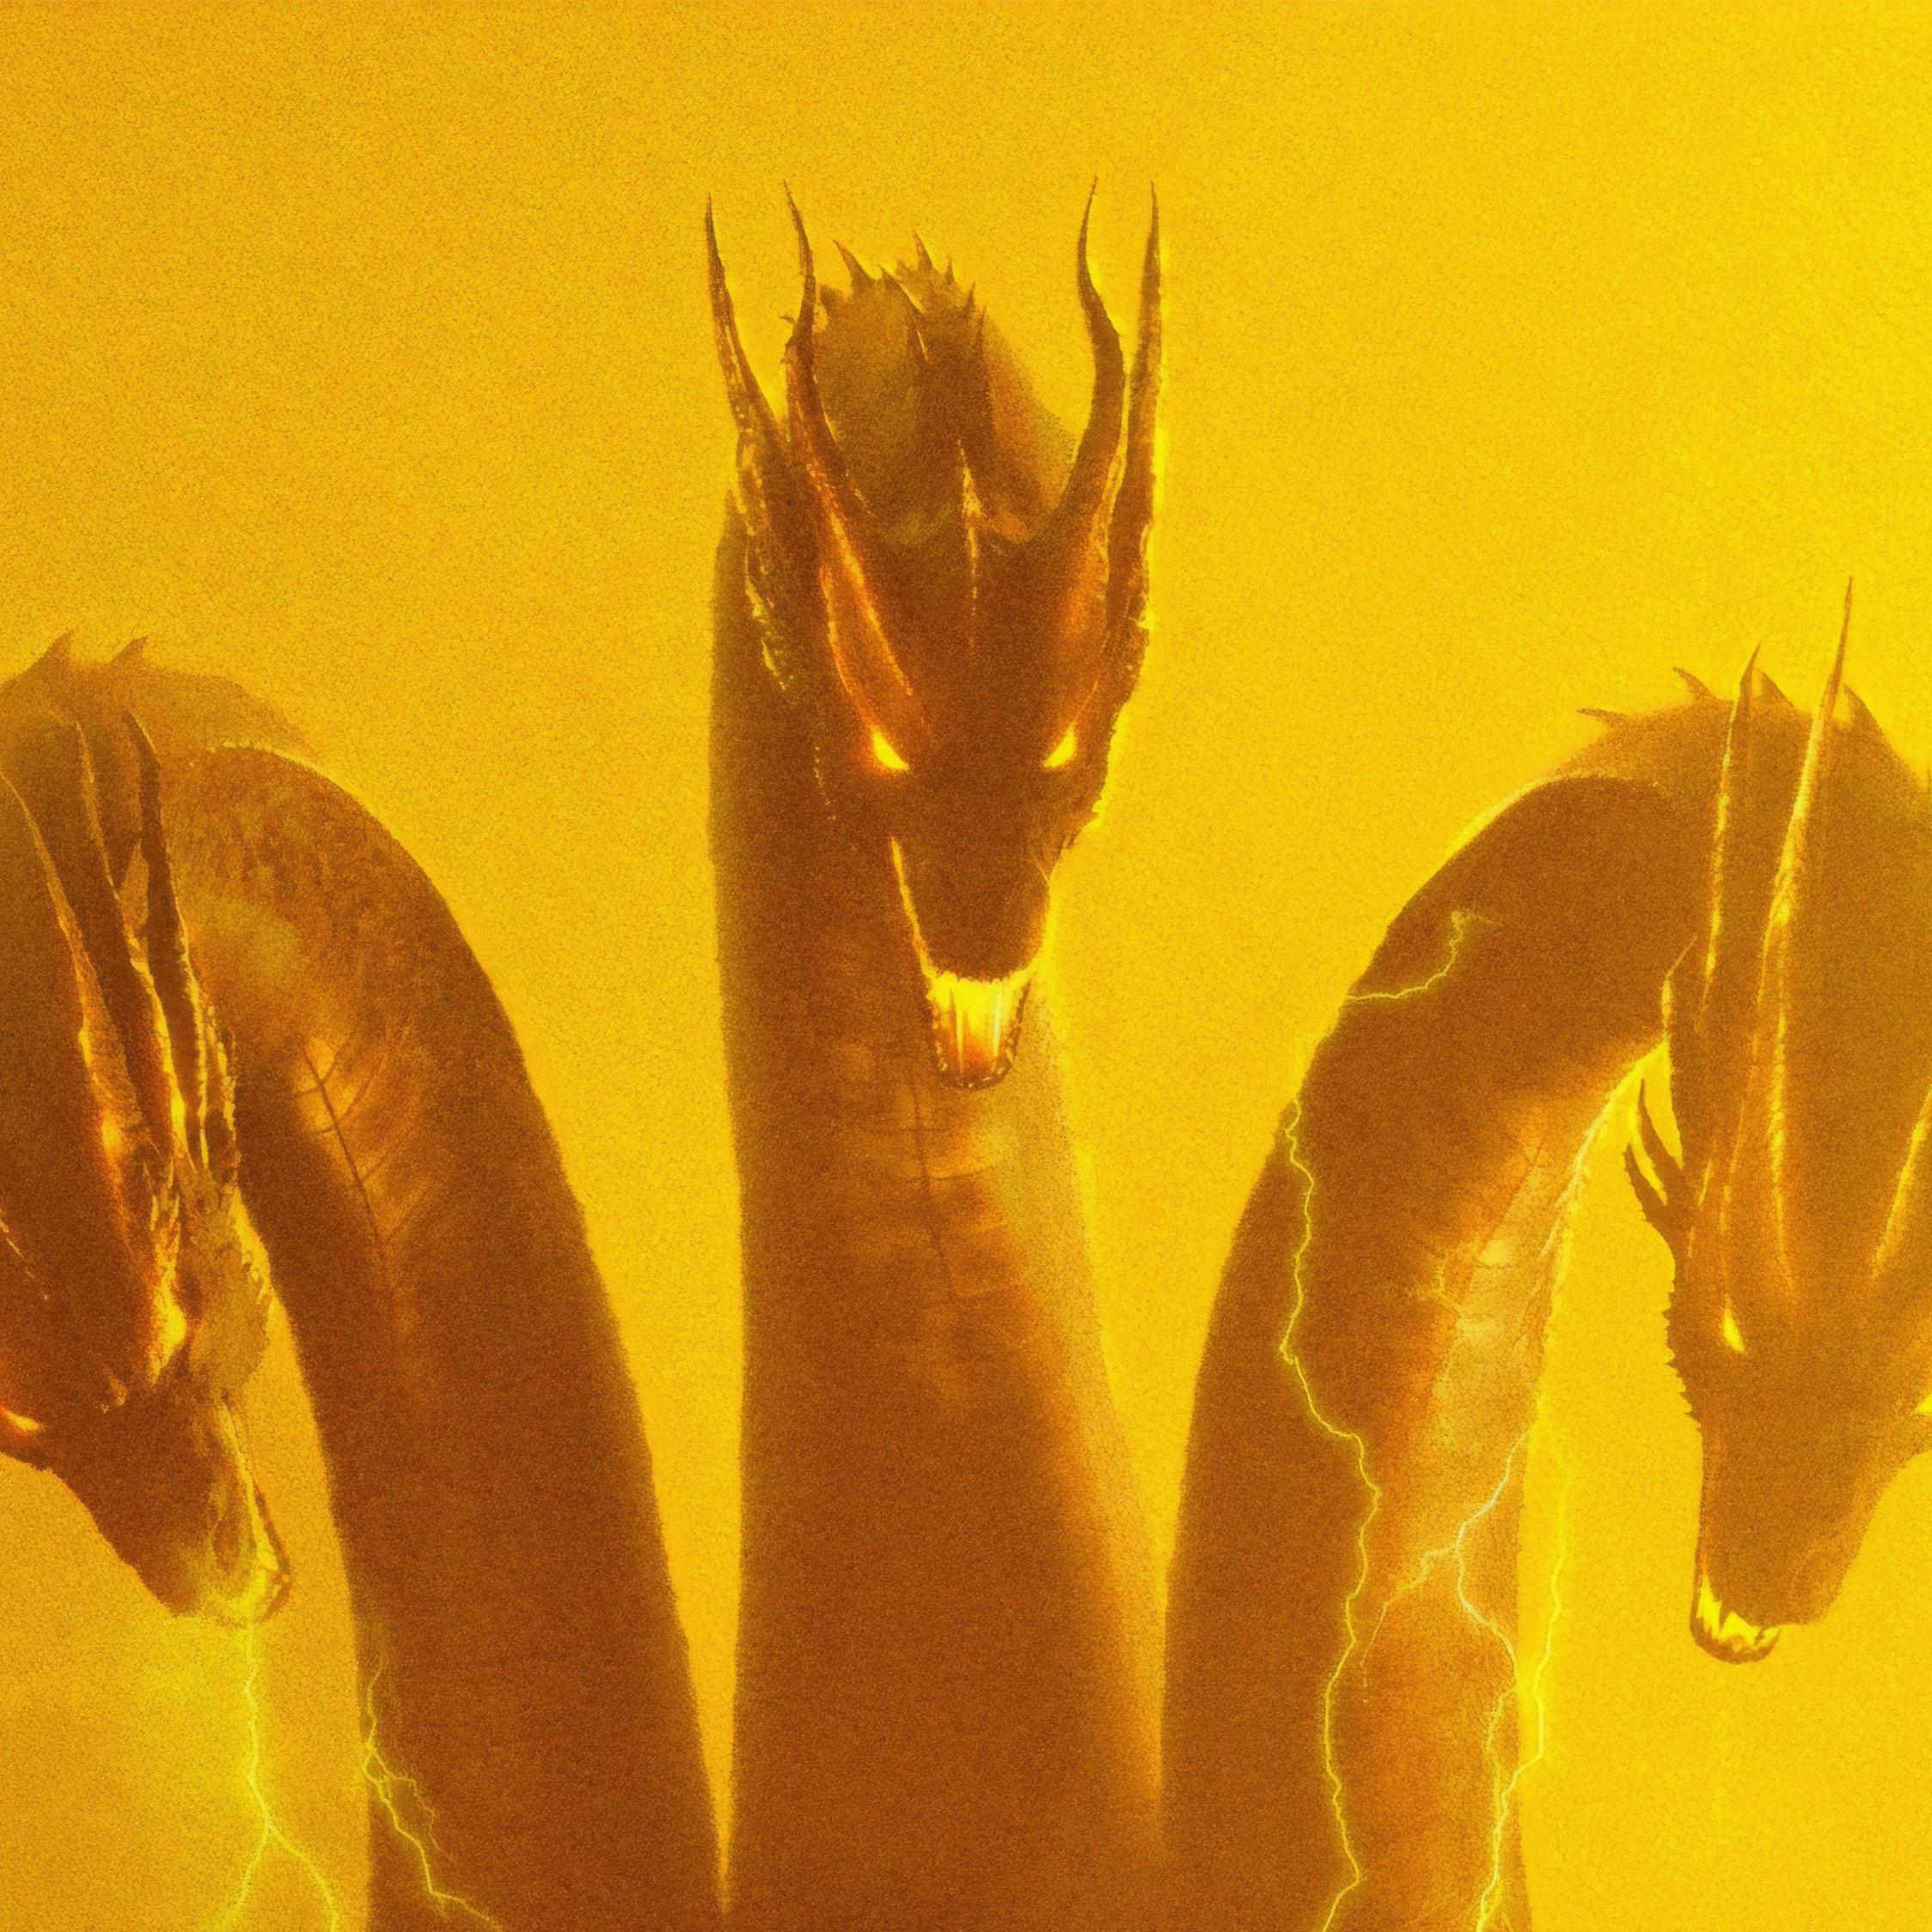 Three Head Dragon, Godzilla - Godzilla King Of The Monsters King Ghidorah - HD Wallpaper